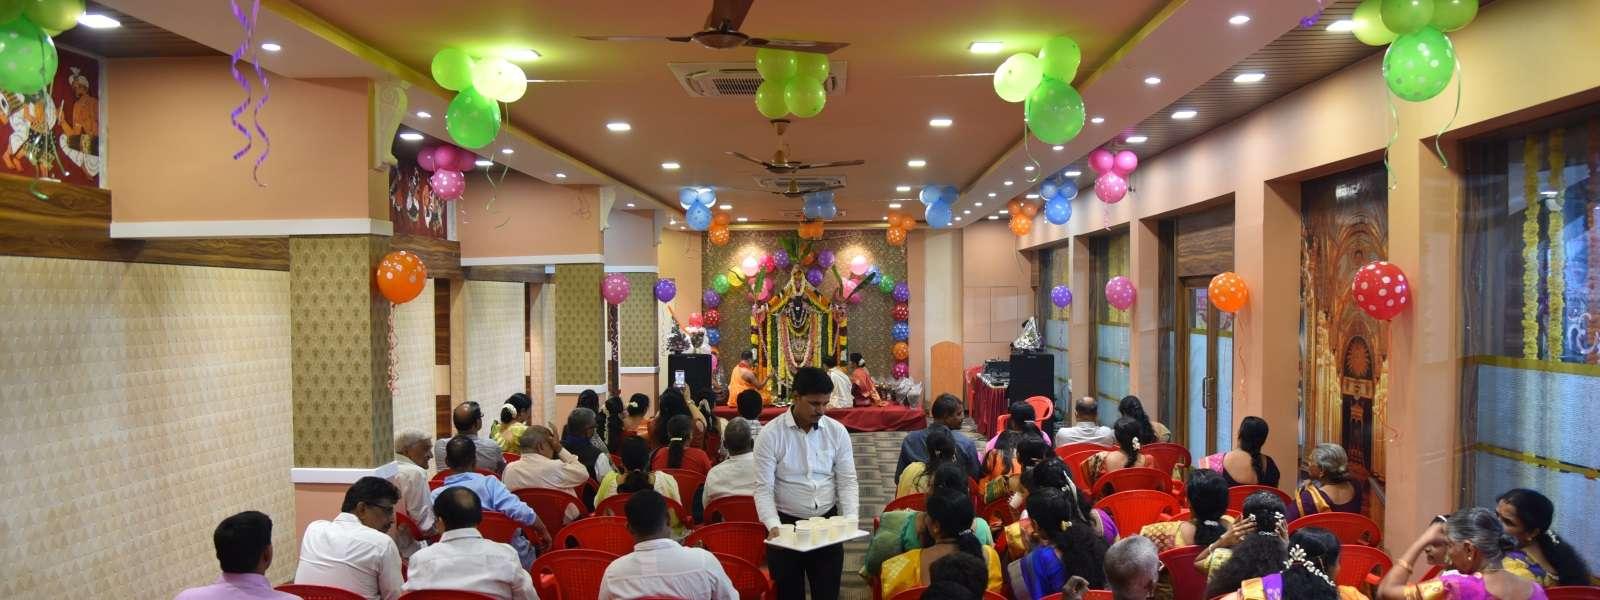 Pooja at Sarovar Annexe Banquet